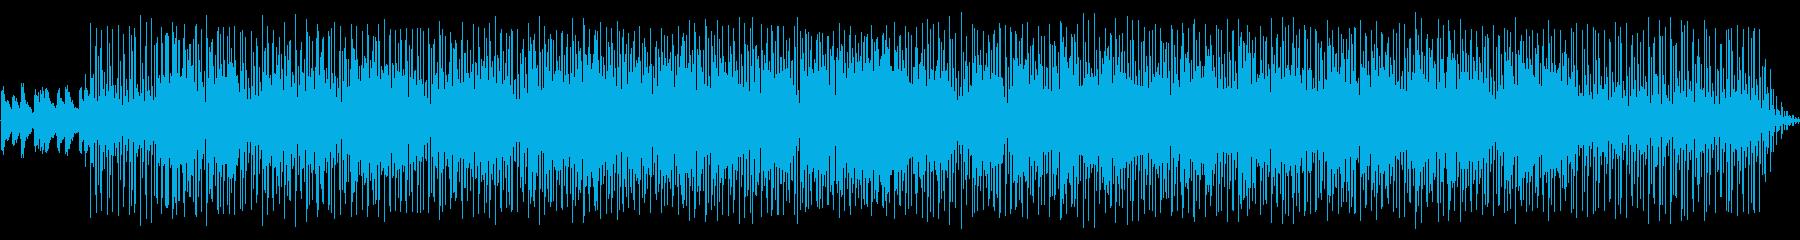 シンセサイザーによるジャズファンクの再生済みの波形